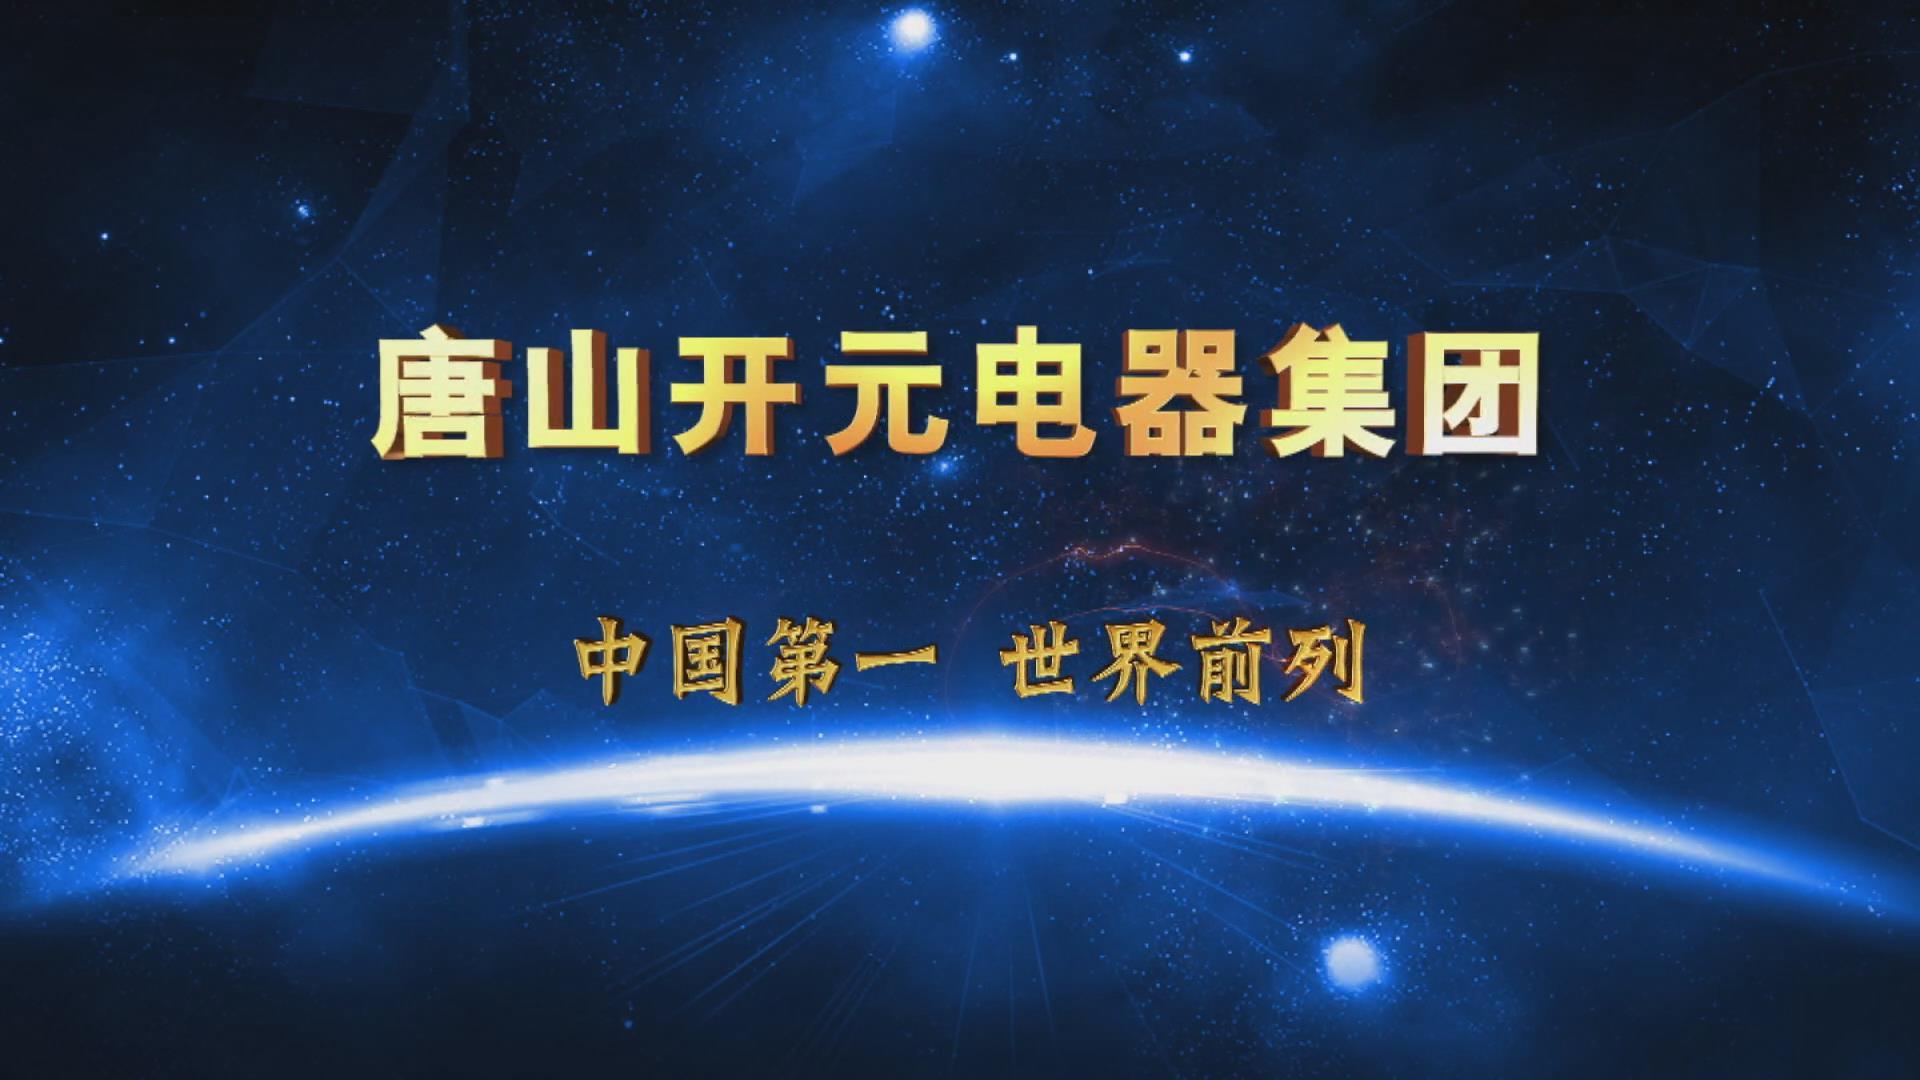 唐山开元集团宣传片(2019版)